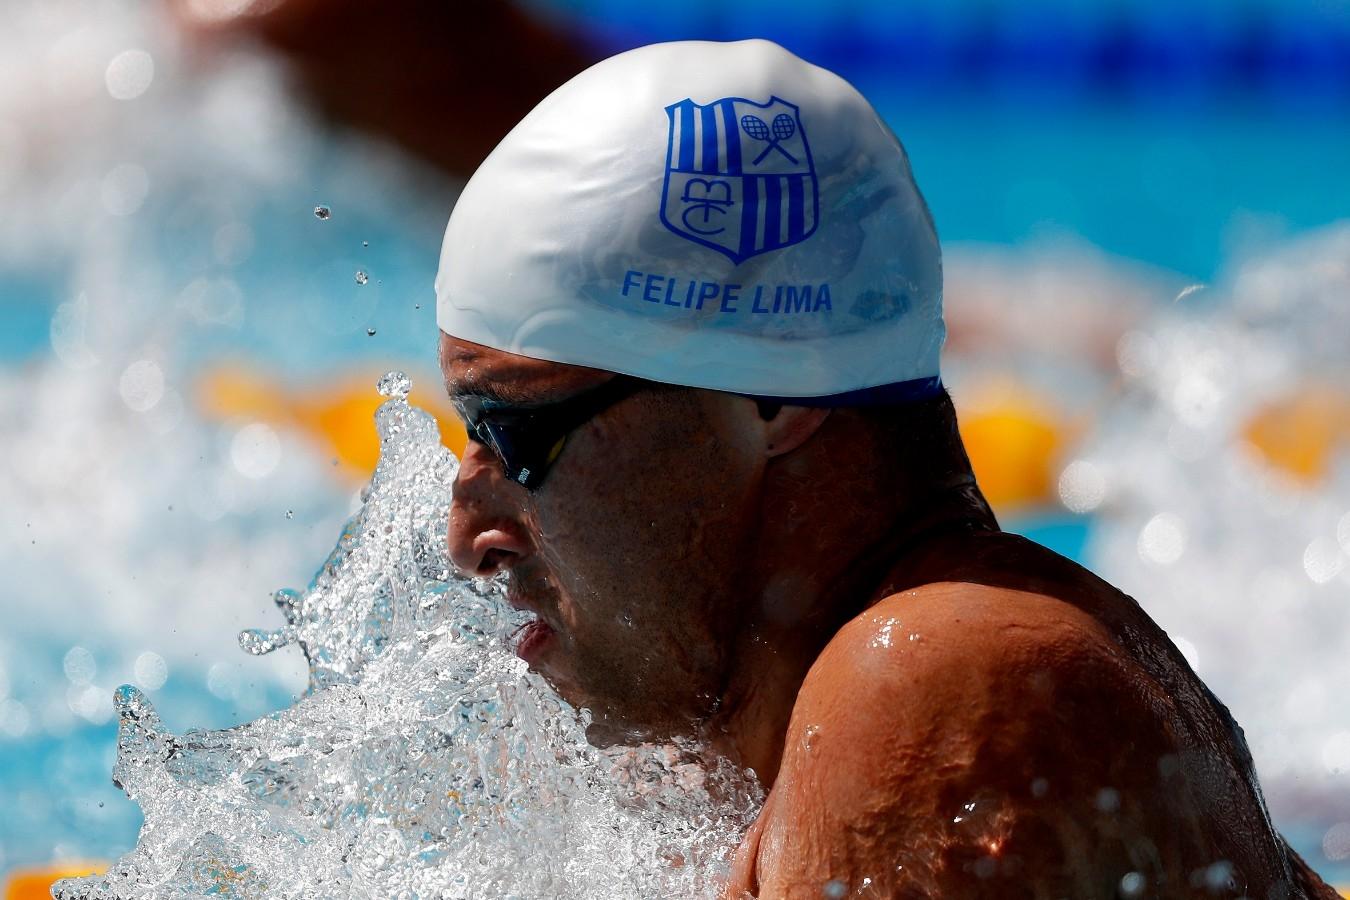 Felipe Lima. Troféu Brasil de Natacao no Parque Aquatico Maria Lenk. 17 de Abril de 2018. Rio de Janeiro, RJ, Brasil. Foto: Satiro Sodré/SSPress/CBDA